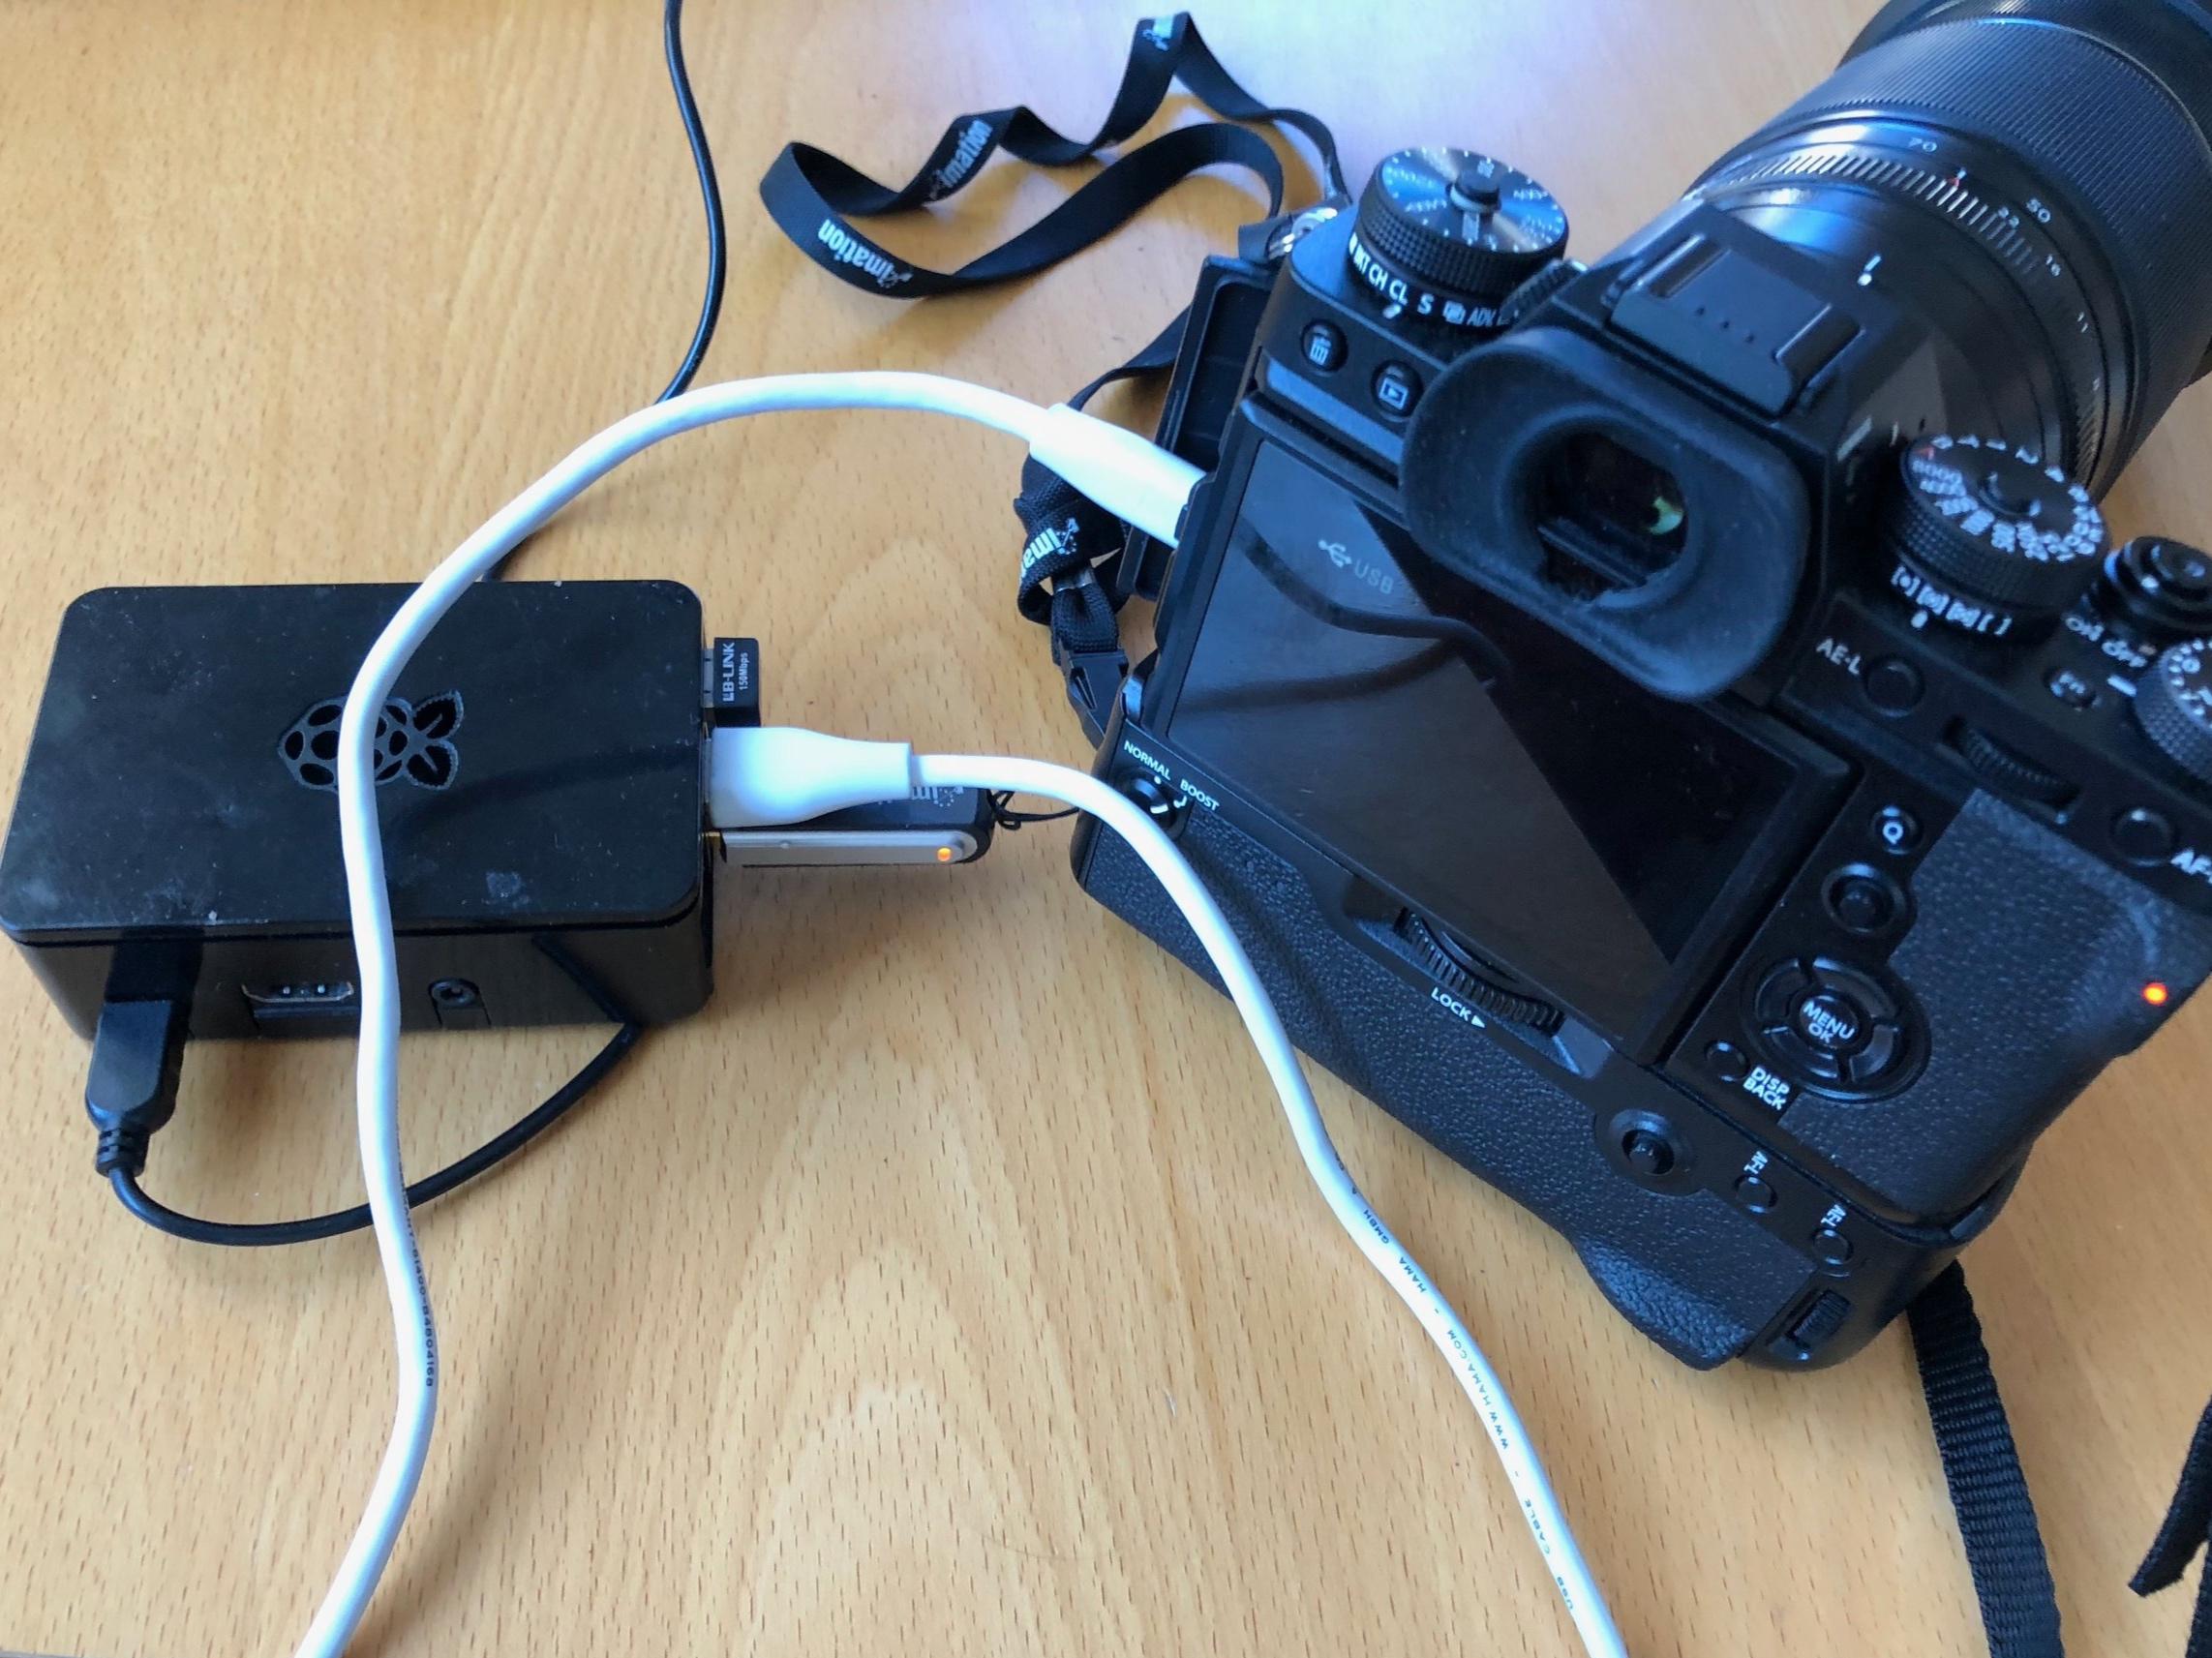 Auf dem Bild zu sehen: Raspberry Pi 3 mit Raspbian Linux und Skripten, der direkt von der Kamera über USB-Kabel (weiß) die Fotos auf einen USB-Stick sichert.